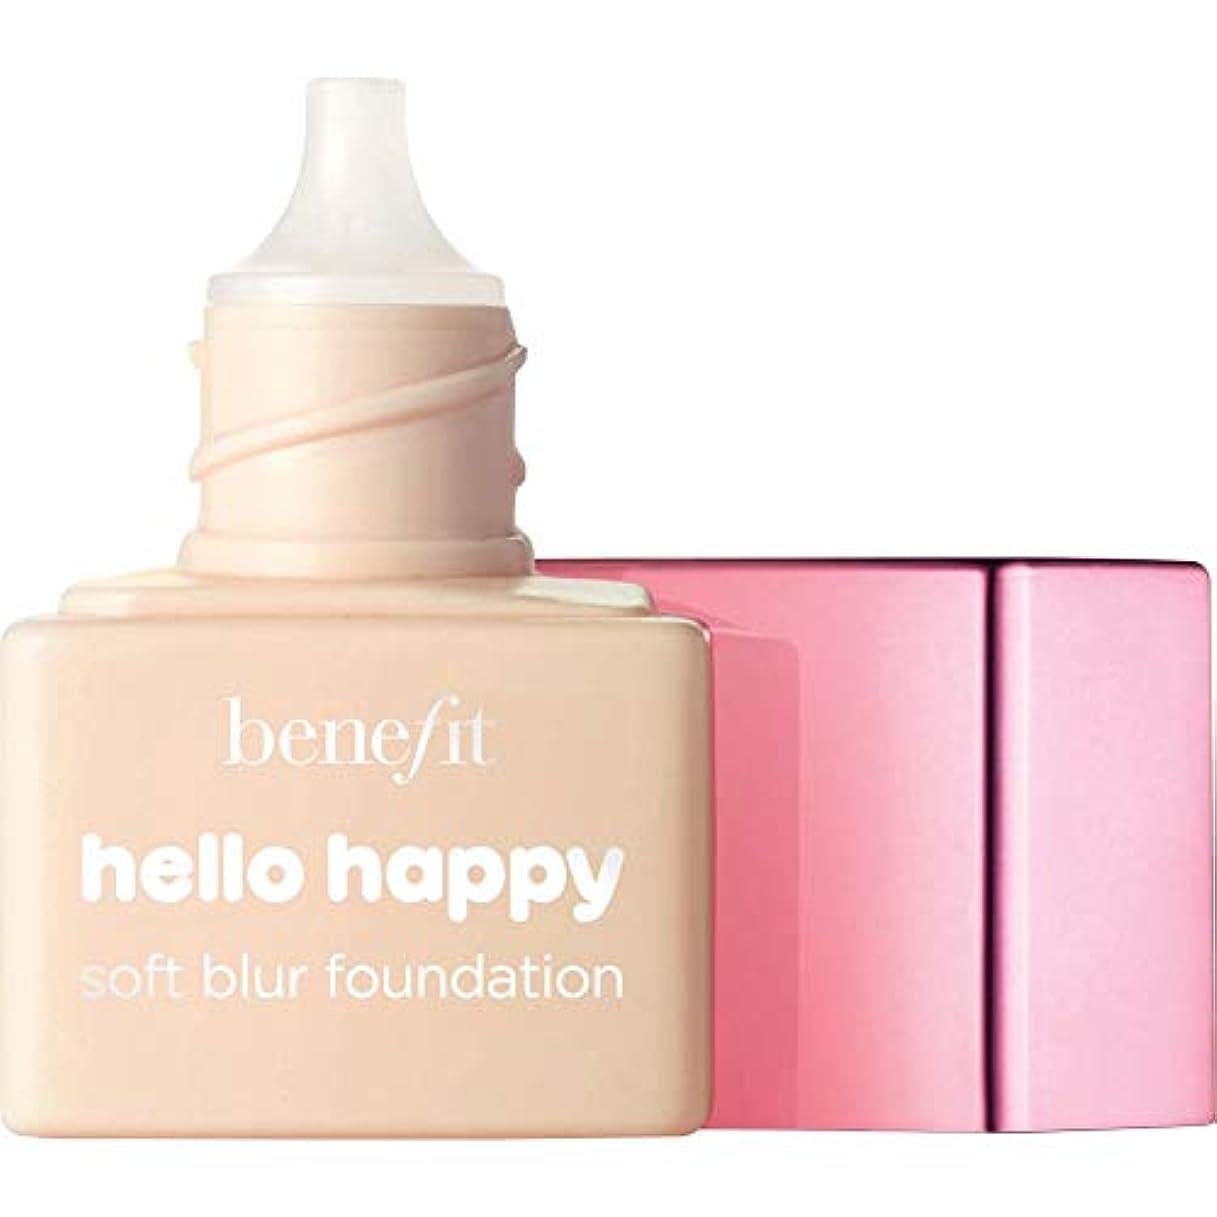 彫刻パプアニューギニア振る[Benefit ] ミニ2 - - ハロー幸せソフトブラー基礎Spf15の6ミリリットルの利益に暖かい光 - Benefit Hello Happy Soft Blur Foundation SPF15 6ml - Mini...